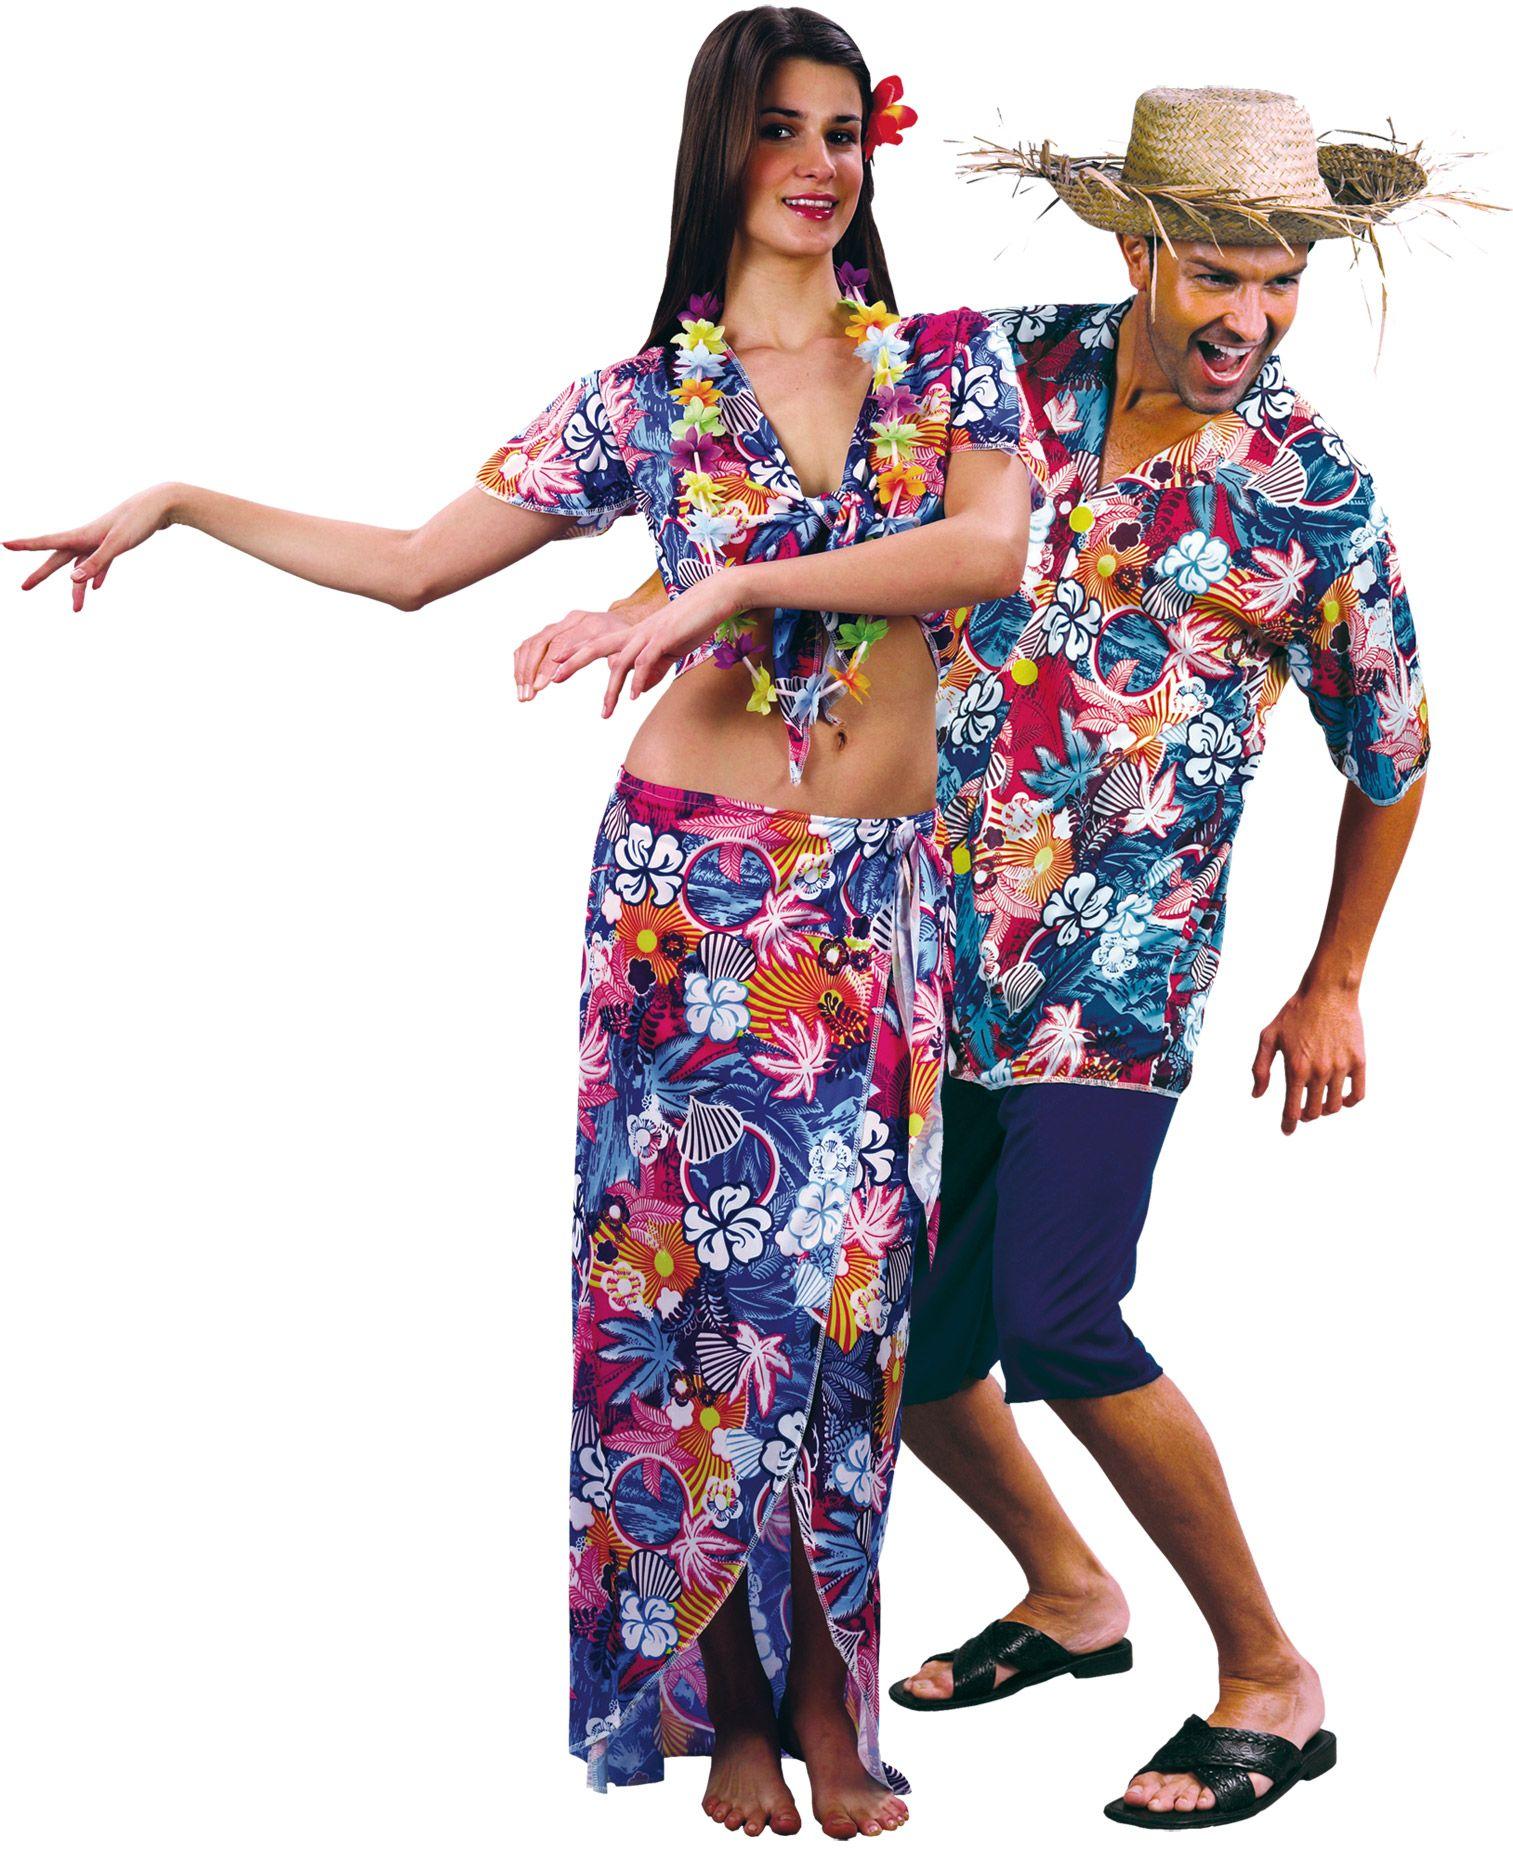 D guisement couple de touristes hawa ens deguise toi - Theme de deguisement ...